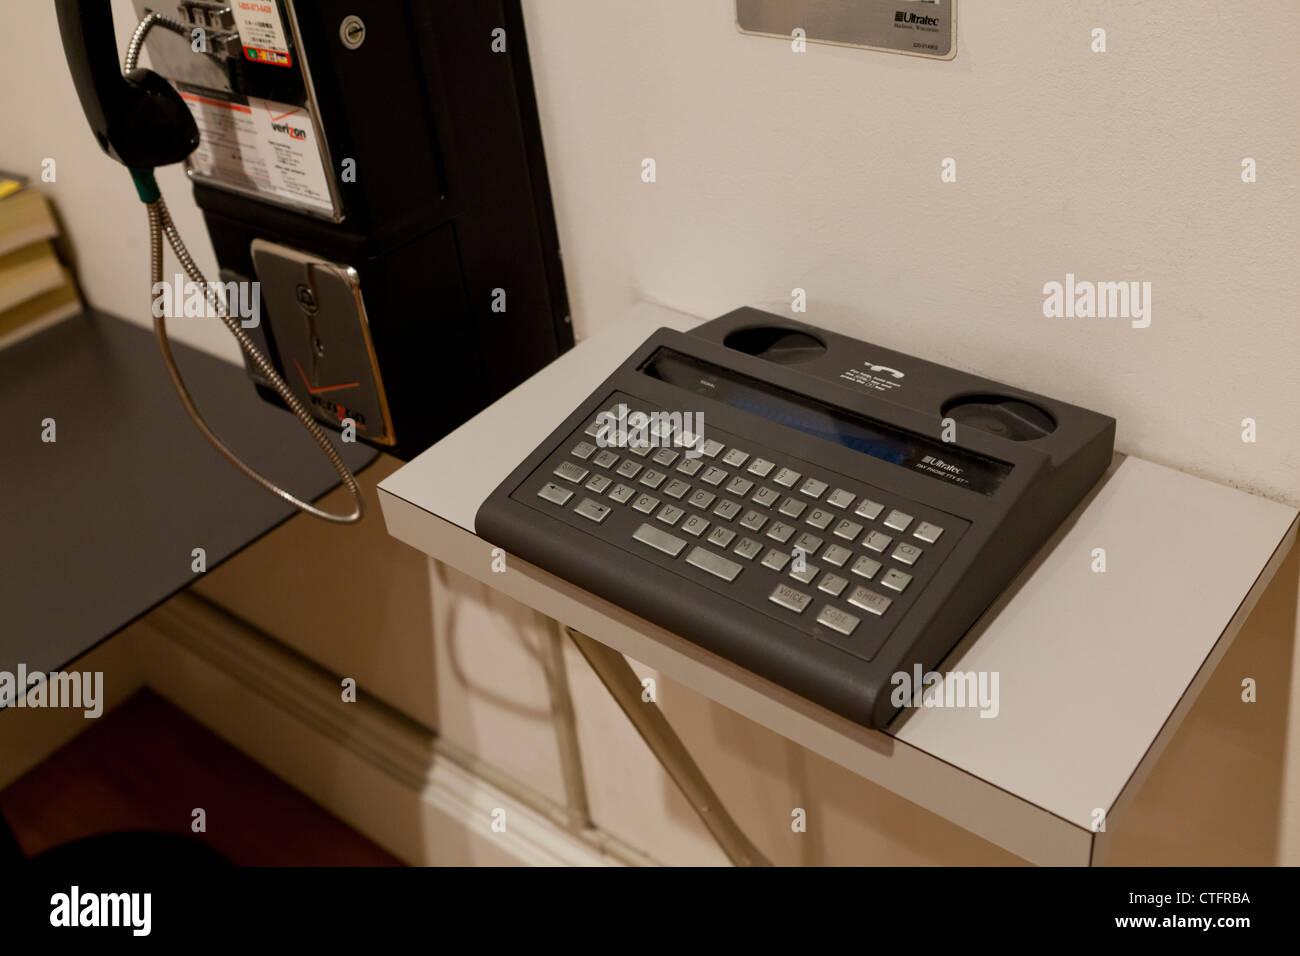 Public telex machine - Stock Image